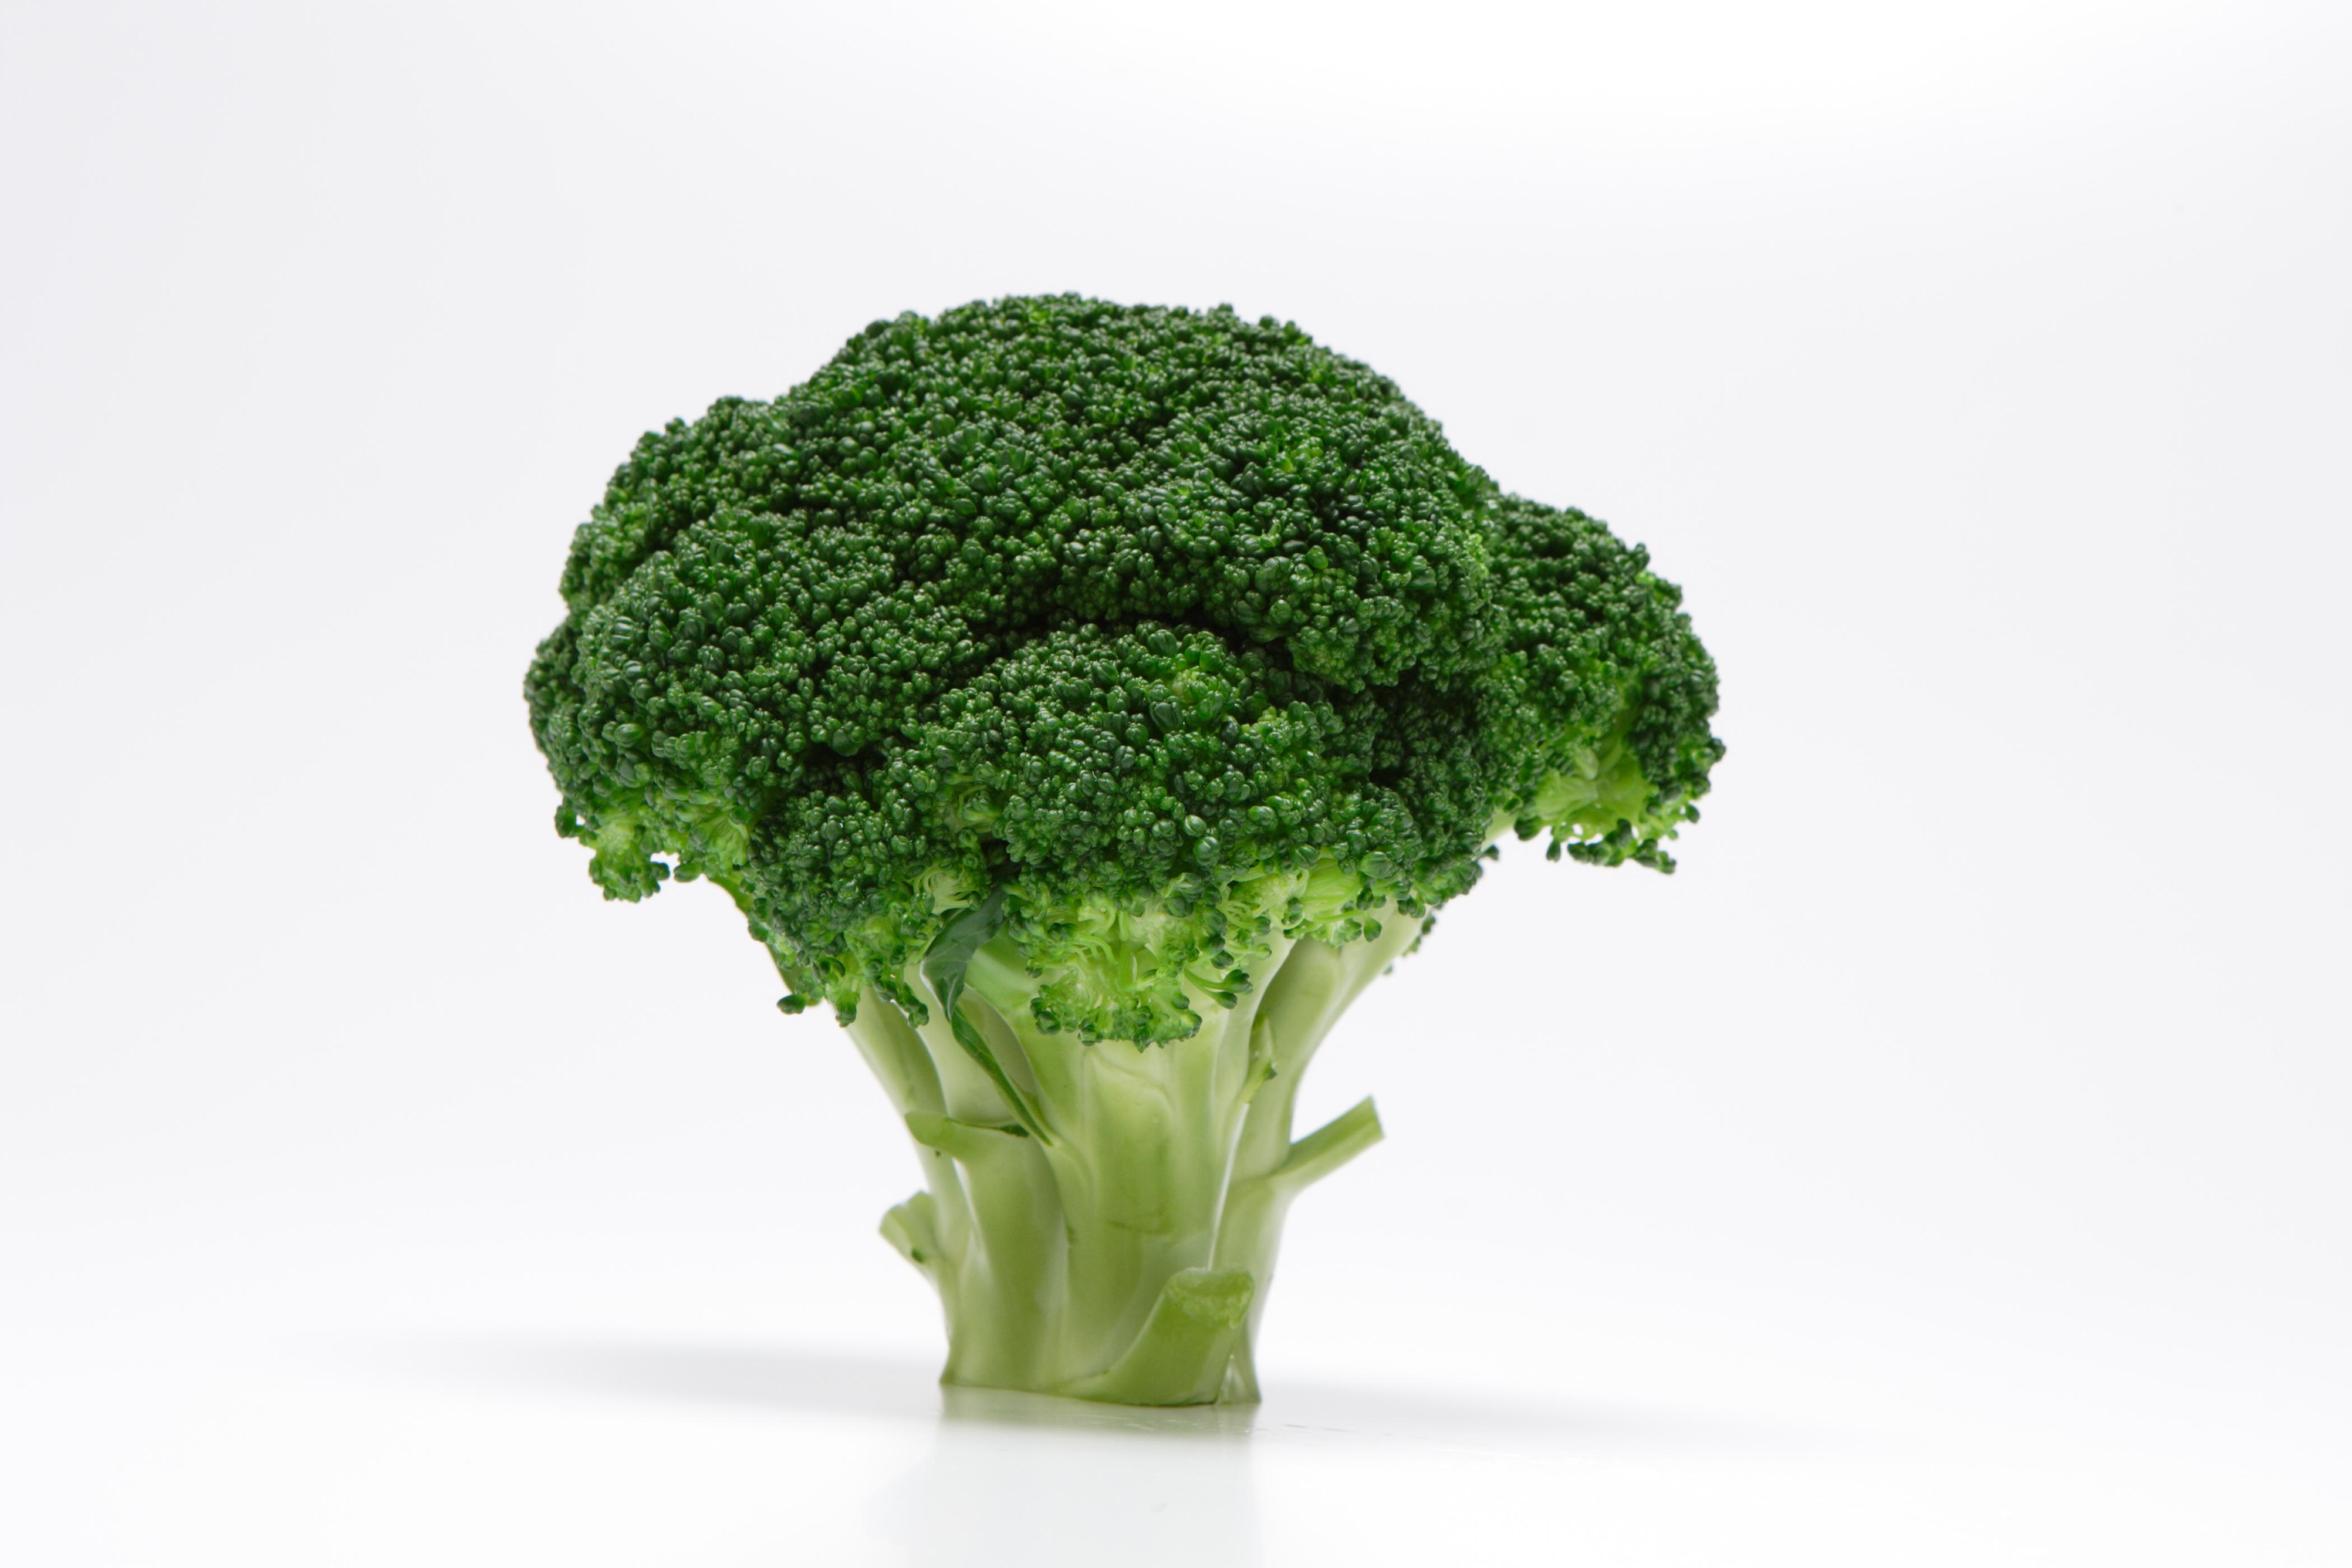 栄養満点!ブロッコリーのおいしい茹で方とは?保存法も解明します!のサムネイル画像